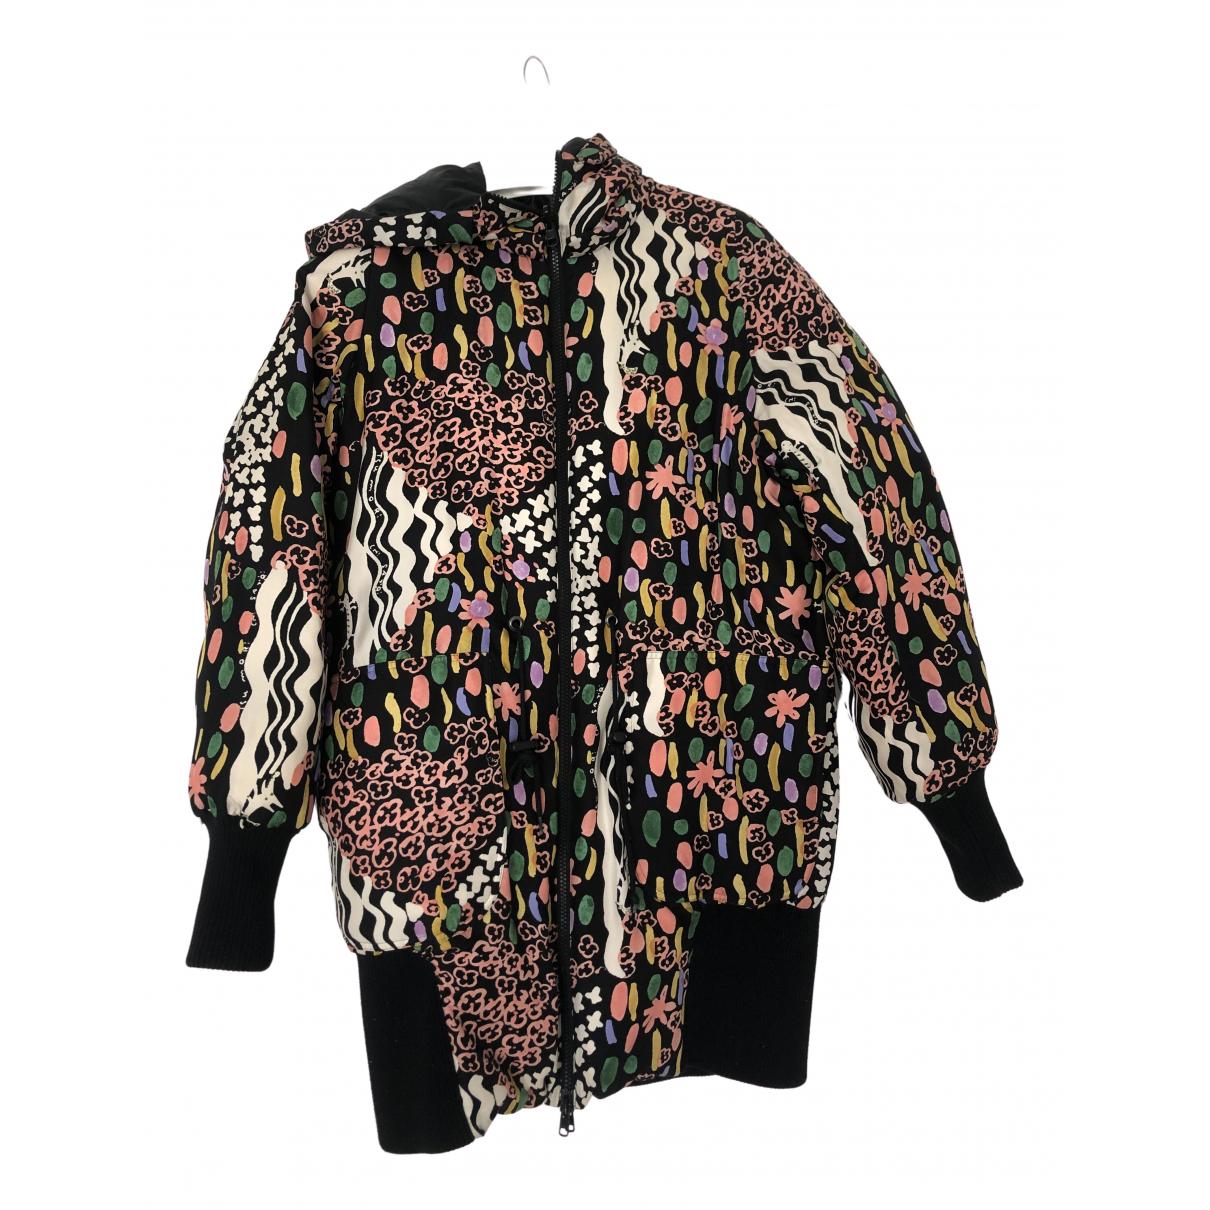 Tsumori Chisato - Manteau   pour femme en soie - multicolore